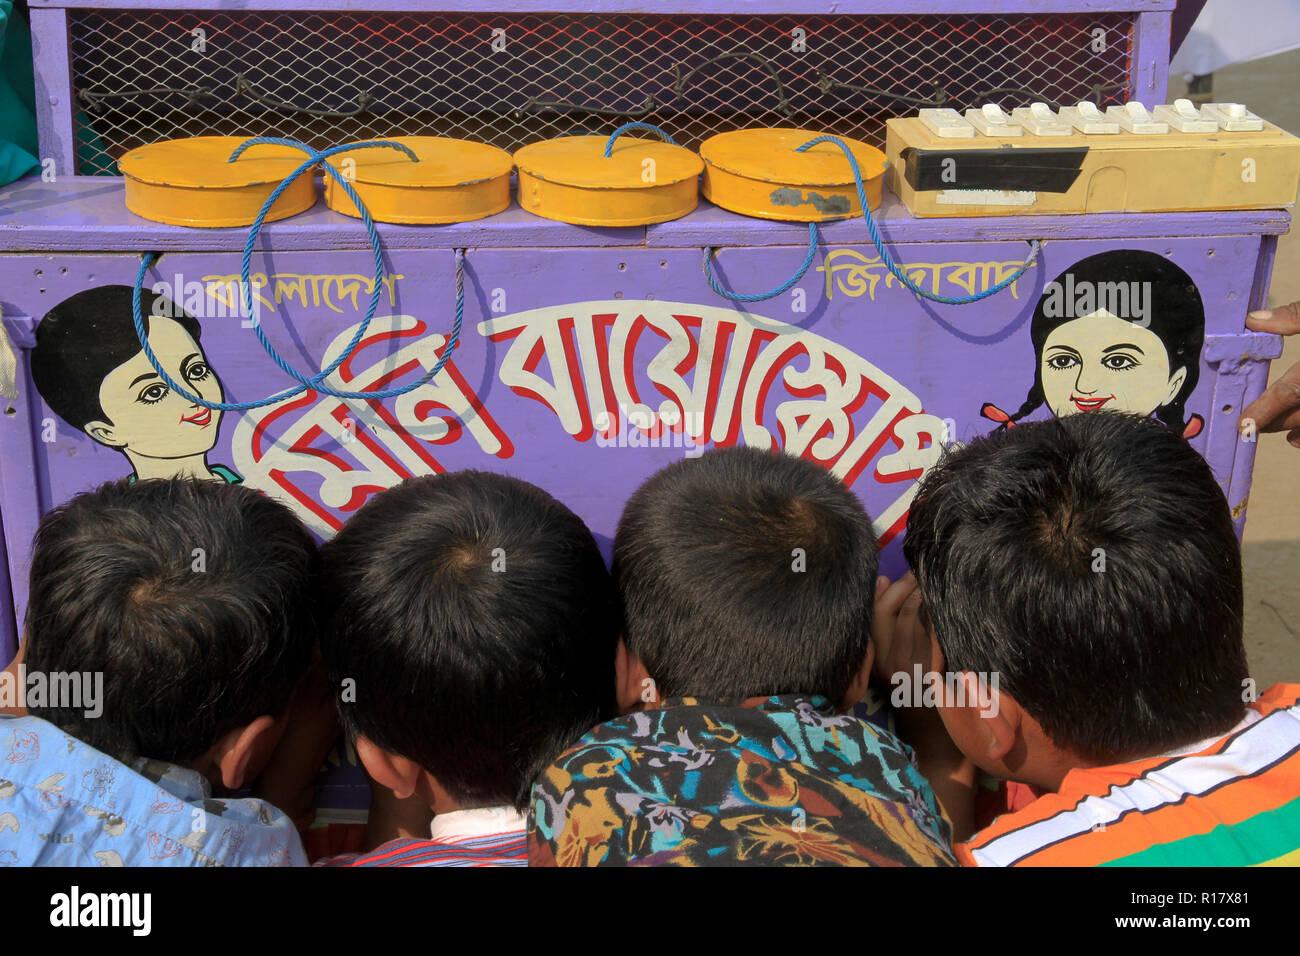 Children watching bioscope. Dhaka, Bangladesh. - Stock Image